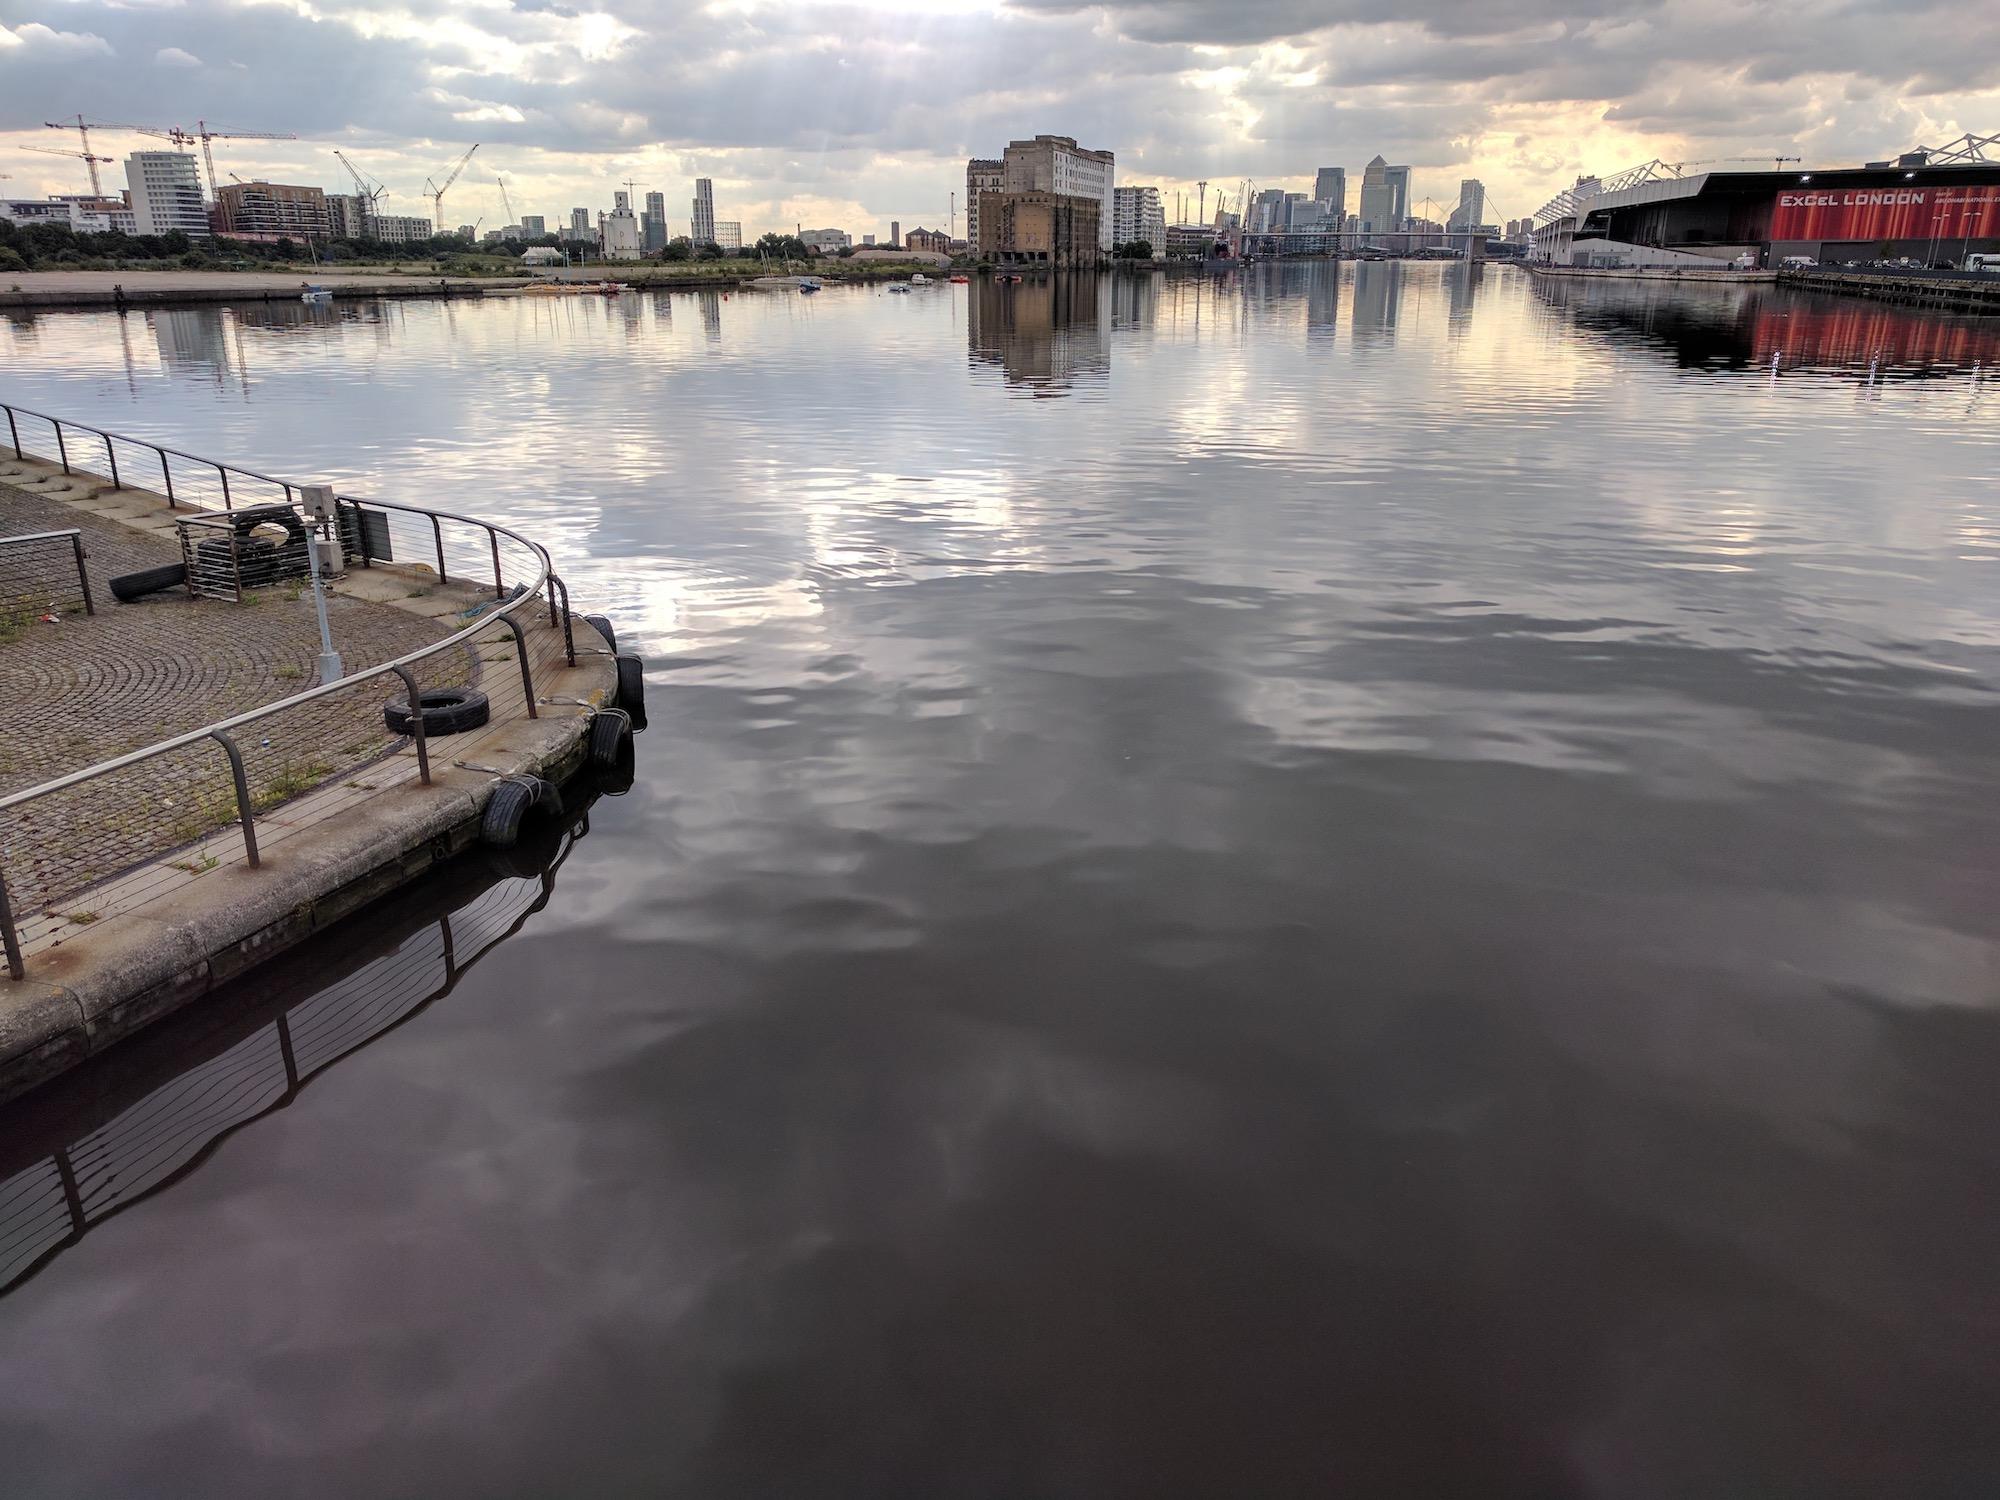 London, East End (I)